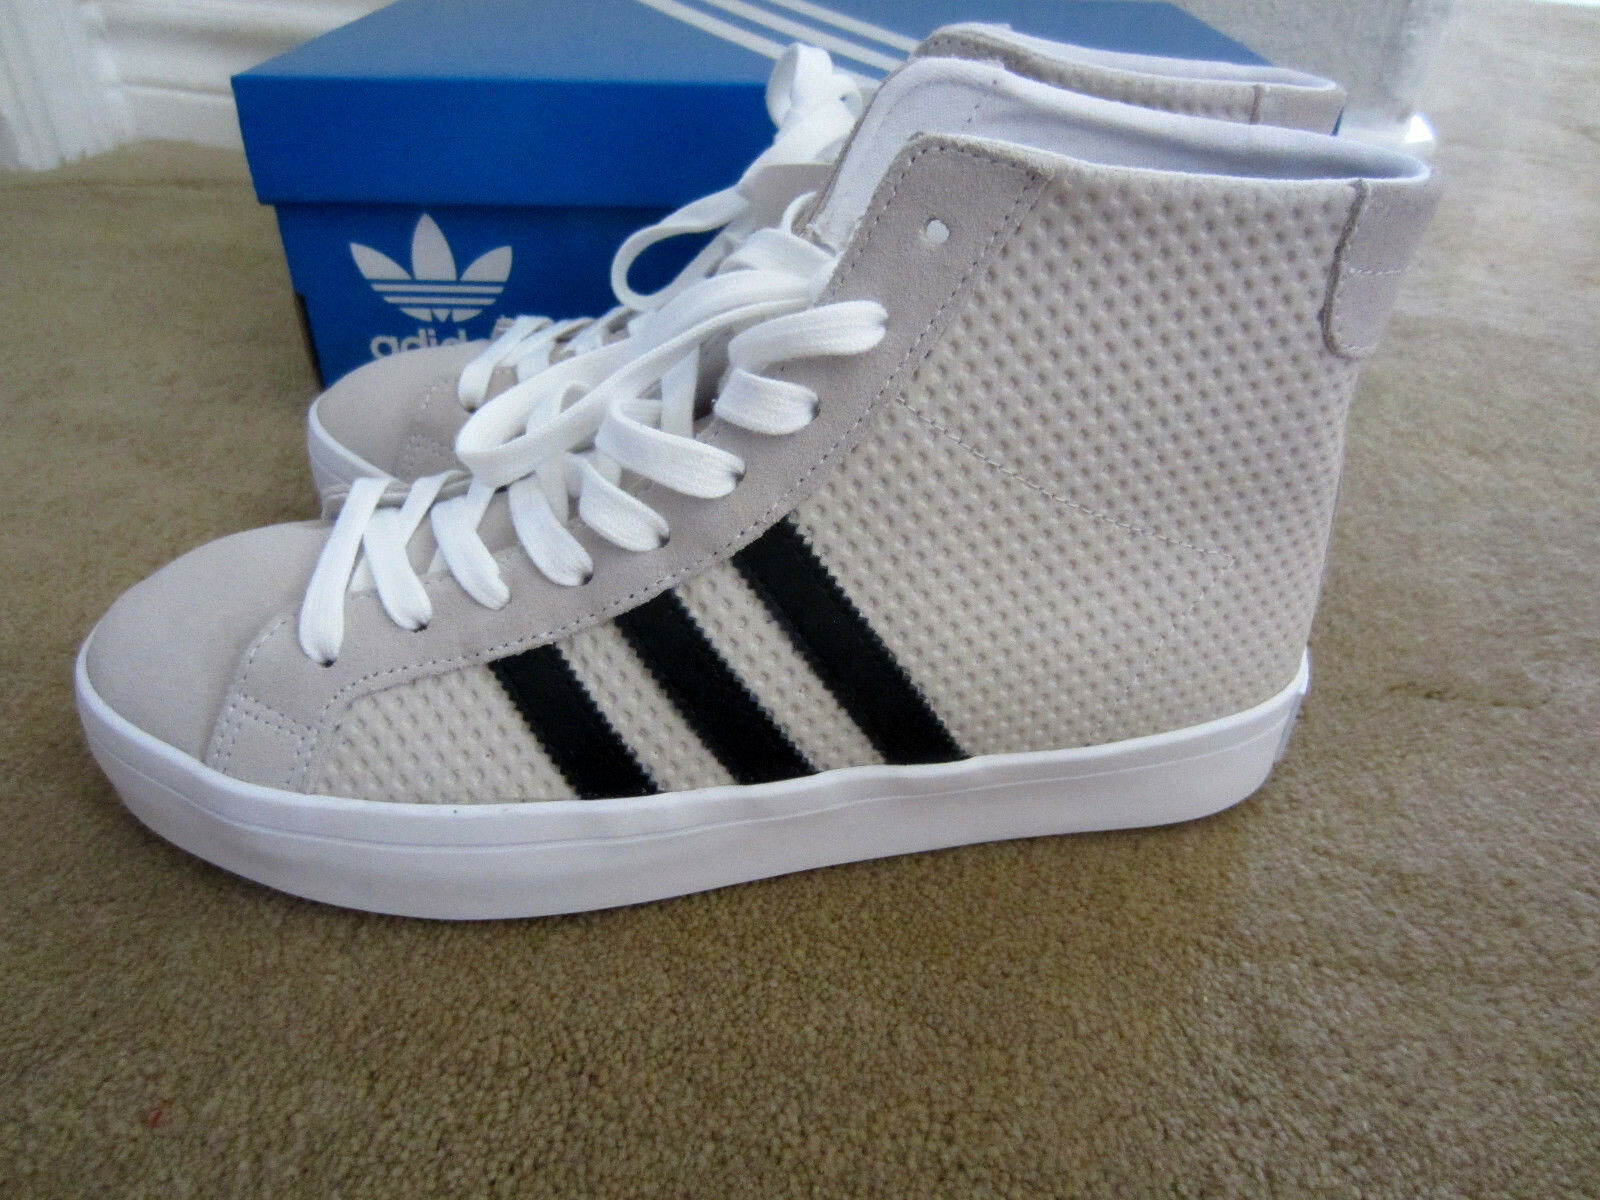 Adidas Corte Vantage Mediados Zapatos para para para De mujer, estilo BB5185, Nuevo, US tamaño 8.5  Precio al por mayor y calidad confiable.